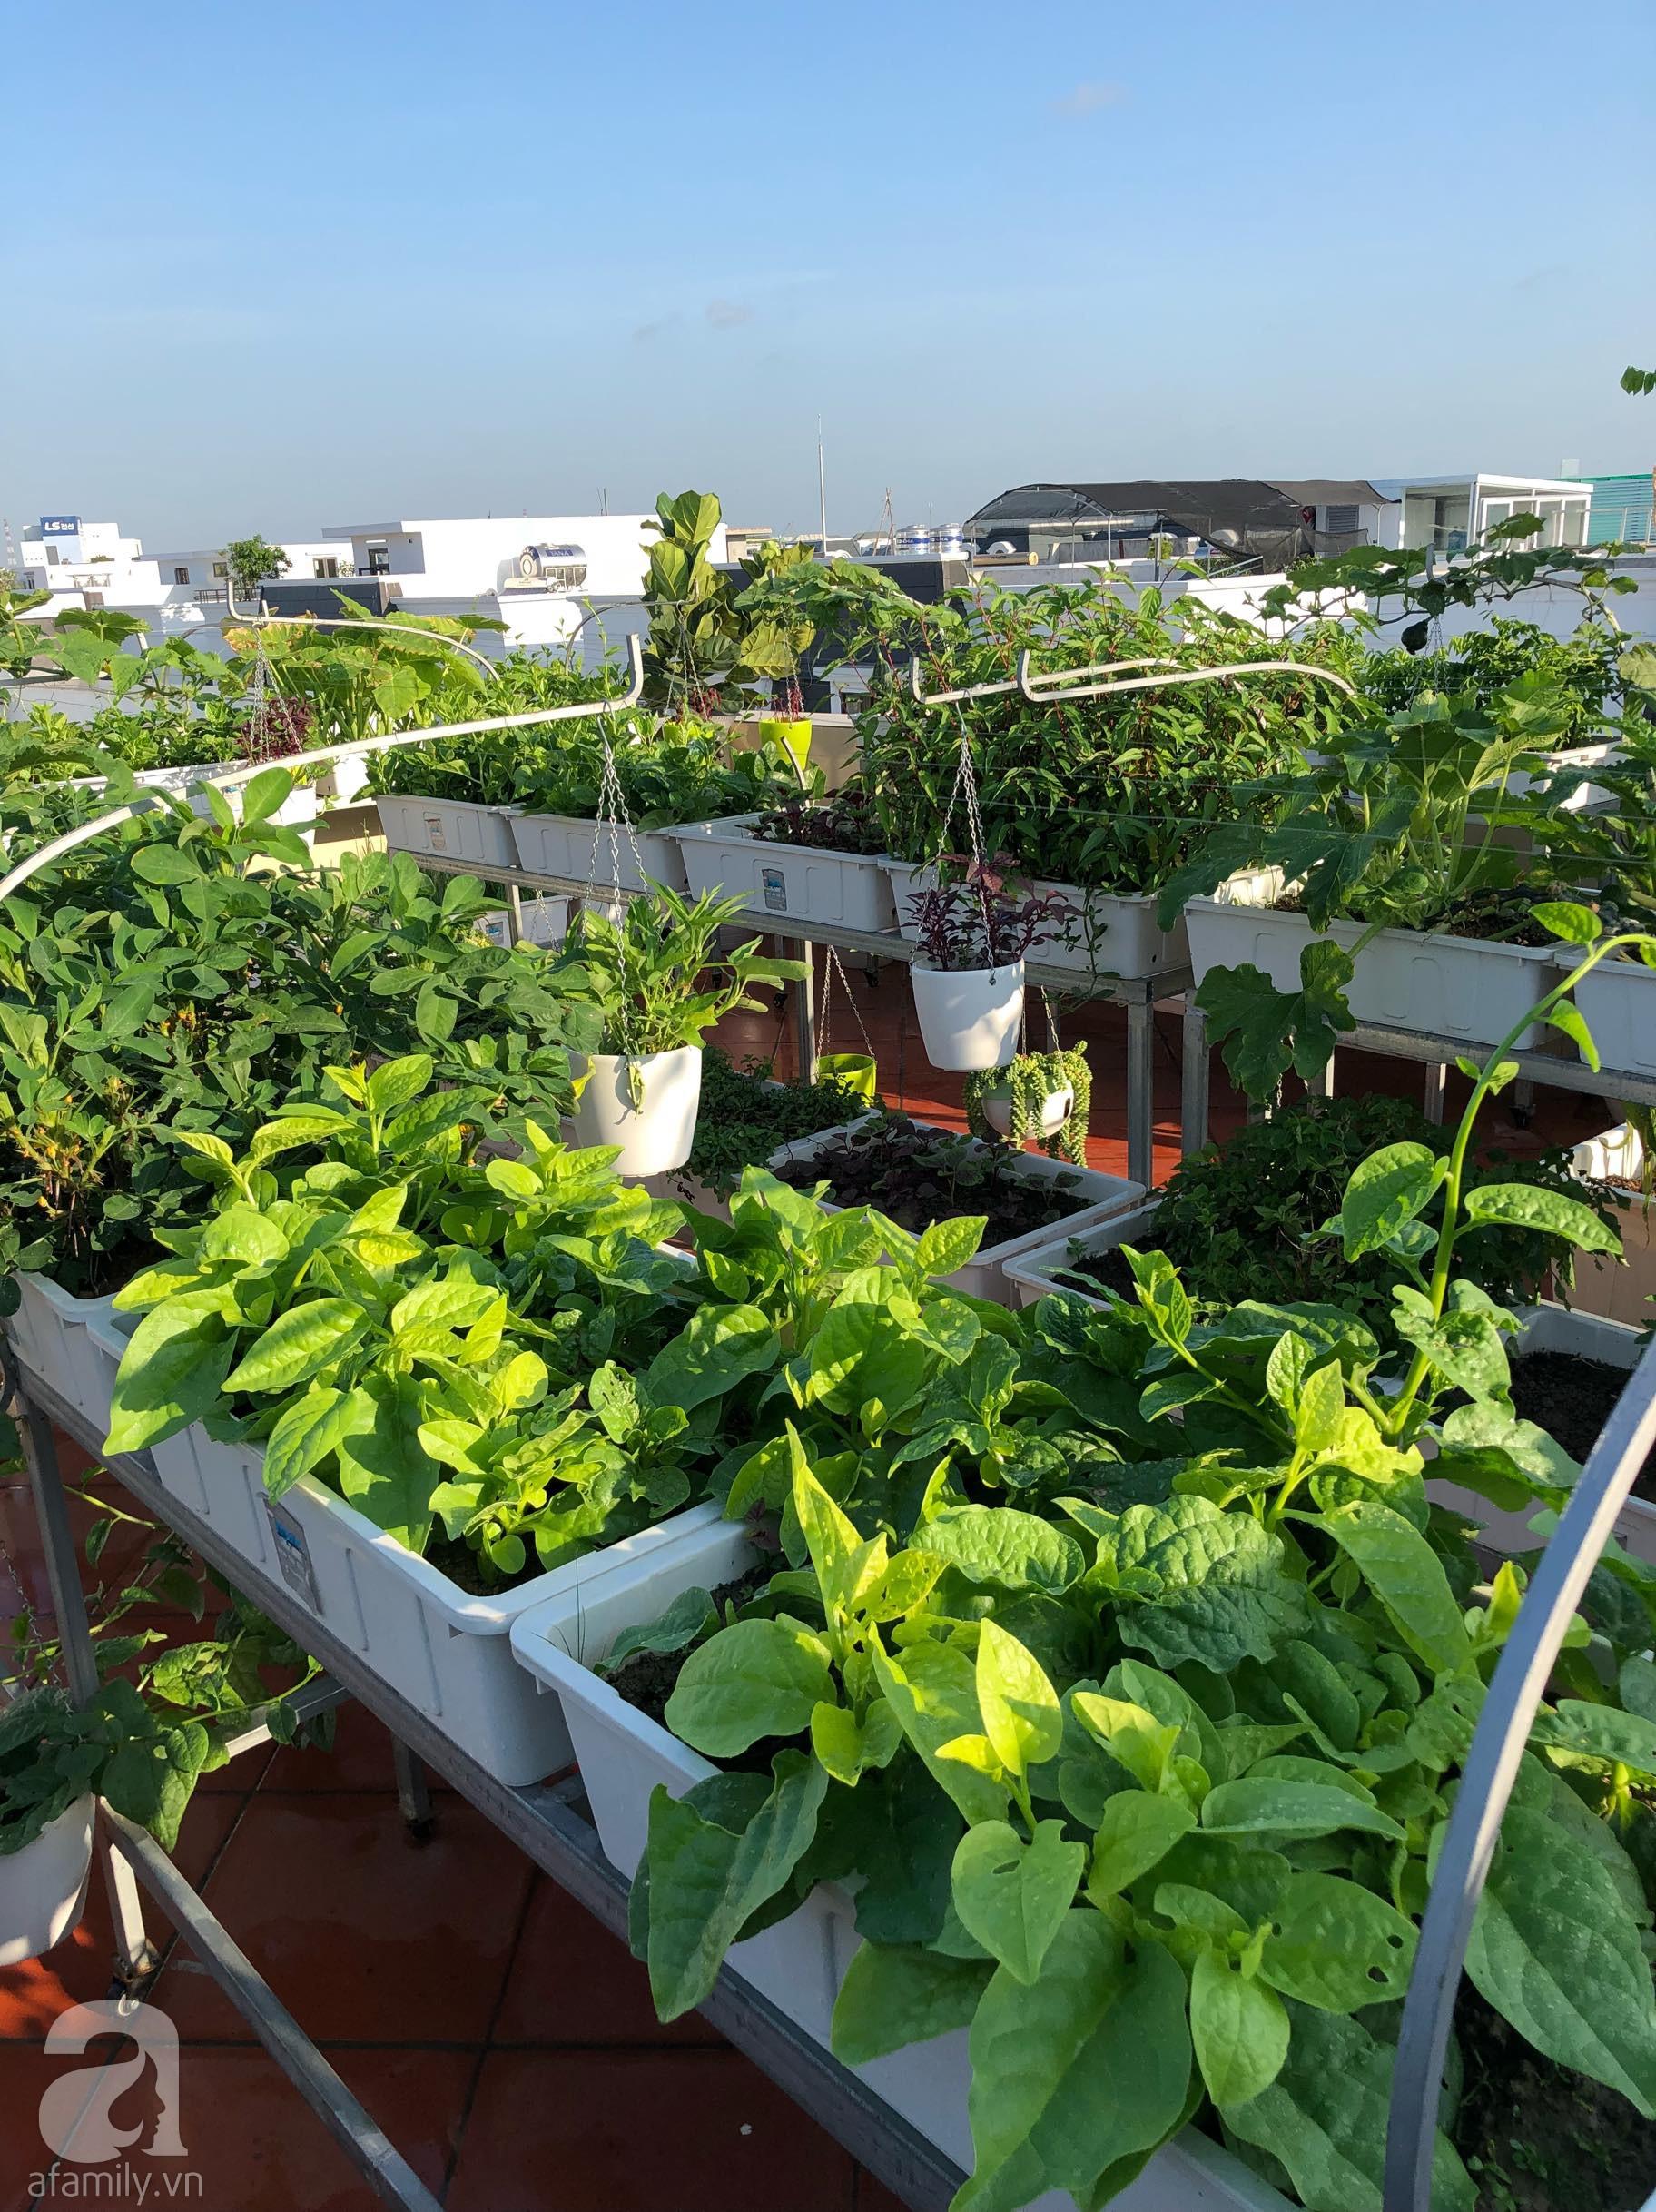 Vườn rau trên sân thượng bạt ngàn rau quả mùa hè của bà mẹ 3 con ở Hải Phòng - Ảnh 5.